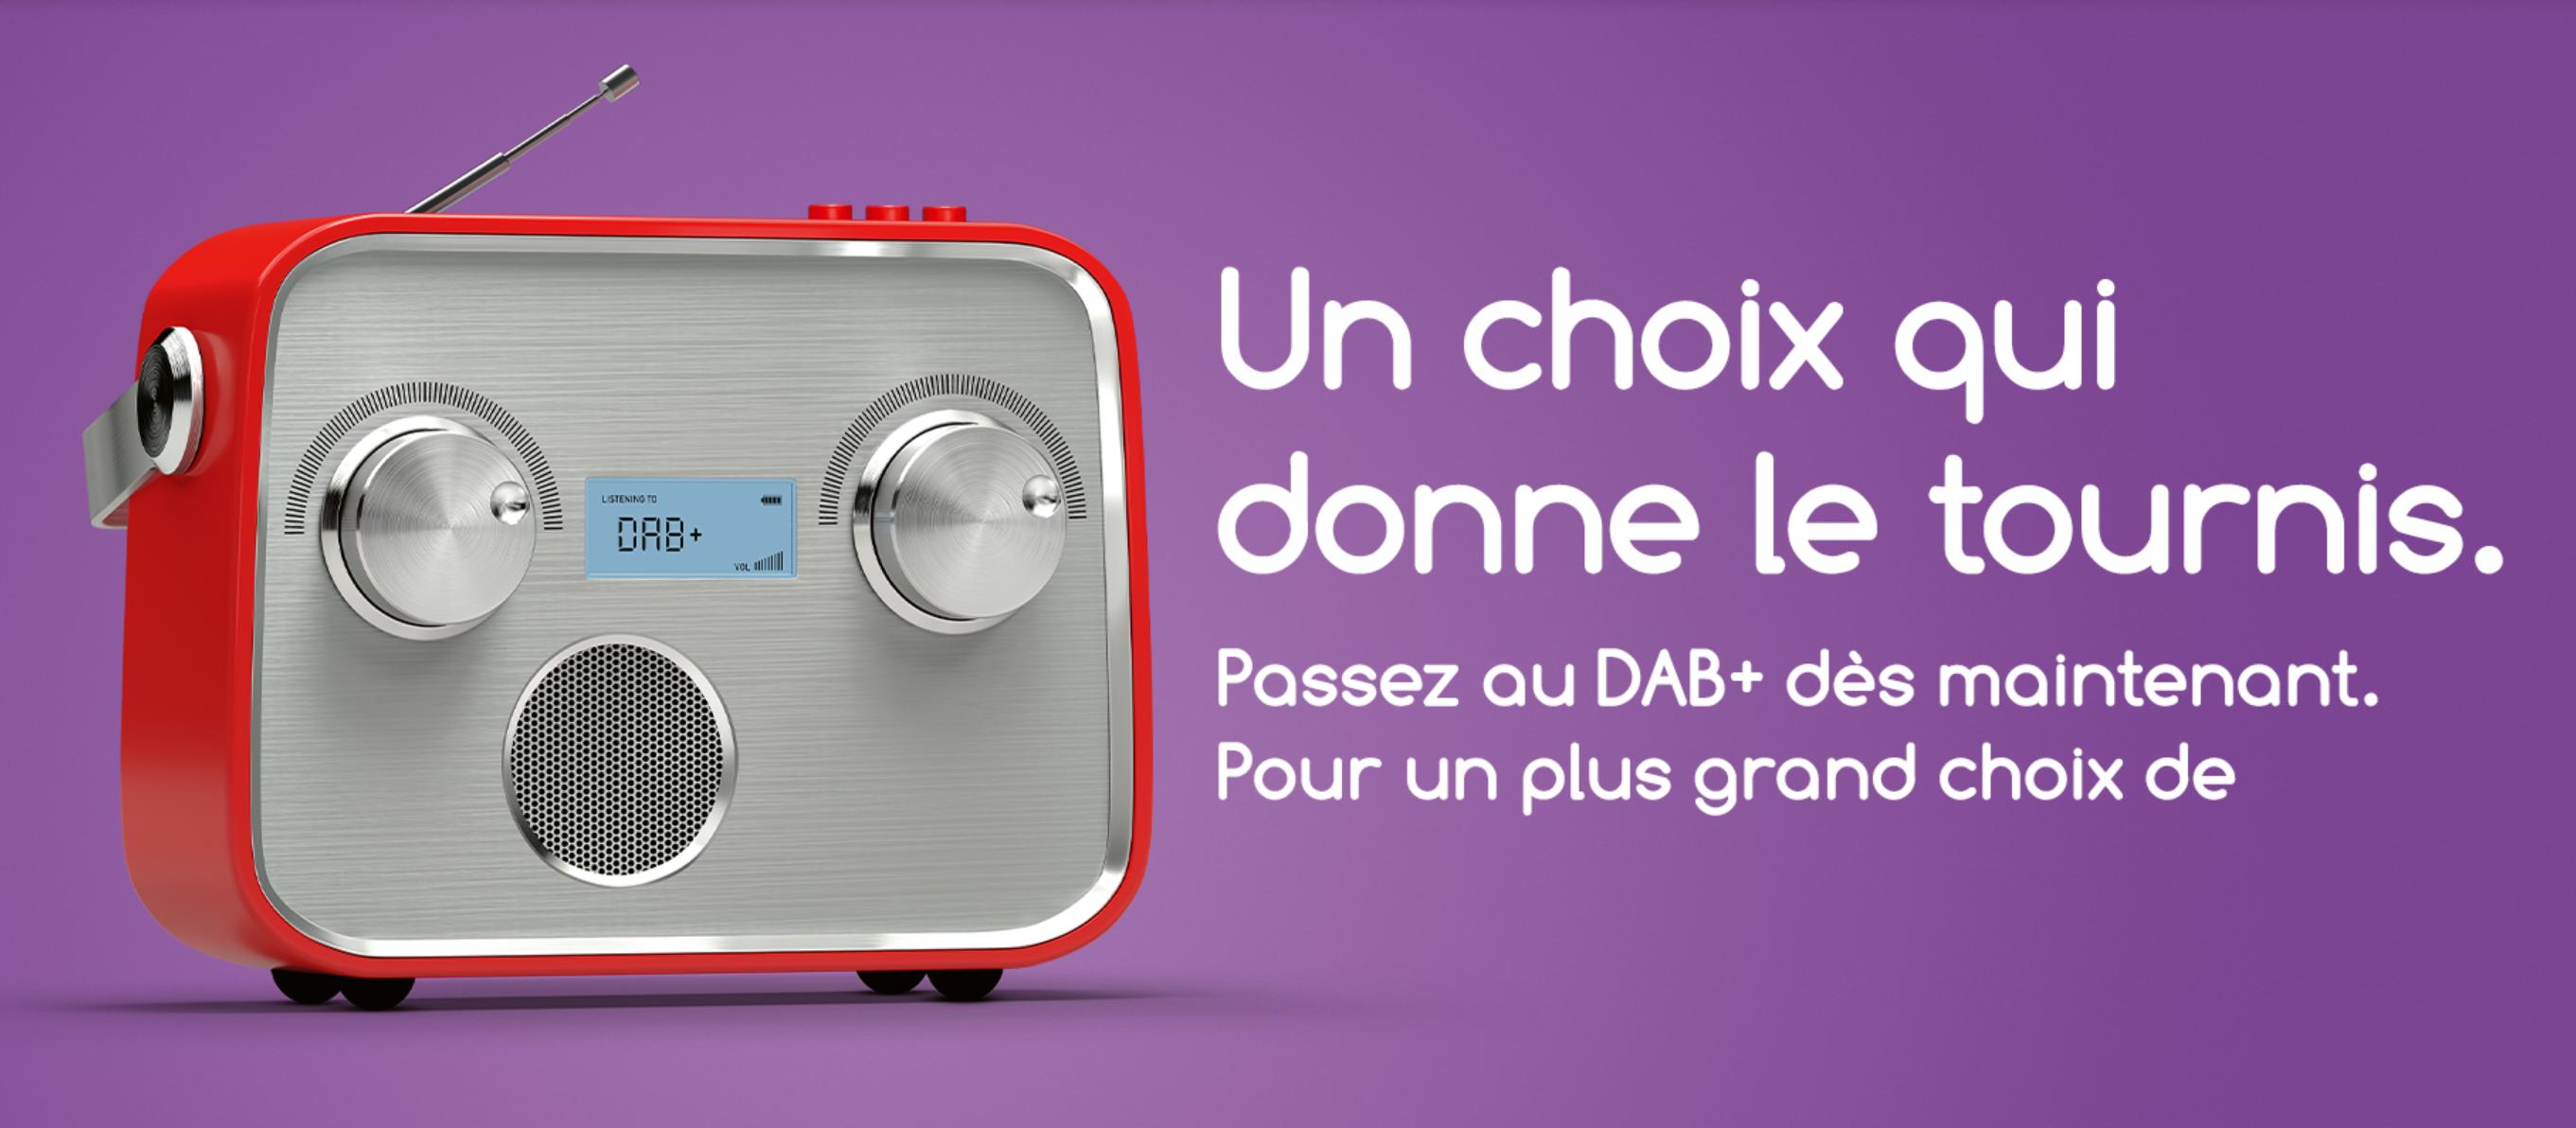 Suisse : nouvelle campagne d'information sur le DAB+ pour préparer l'abandon des OUC